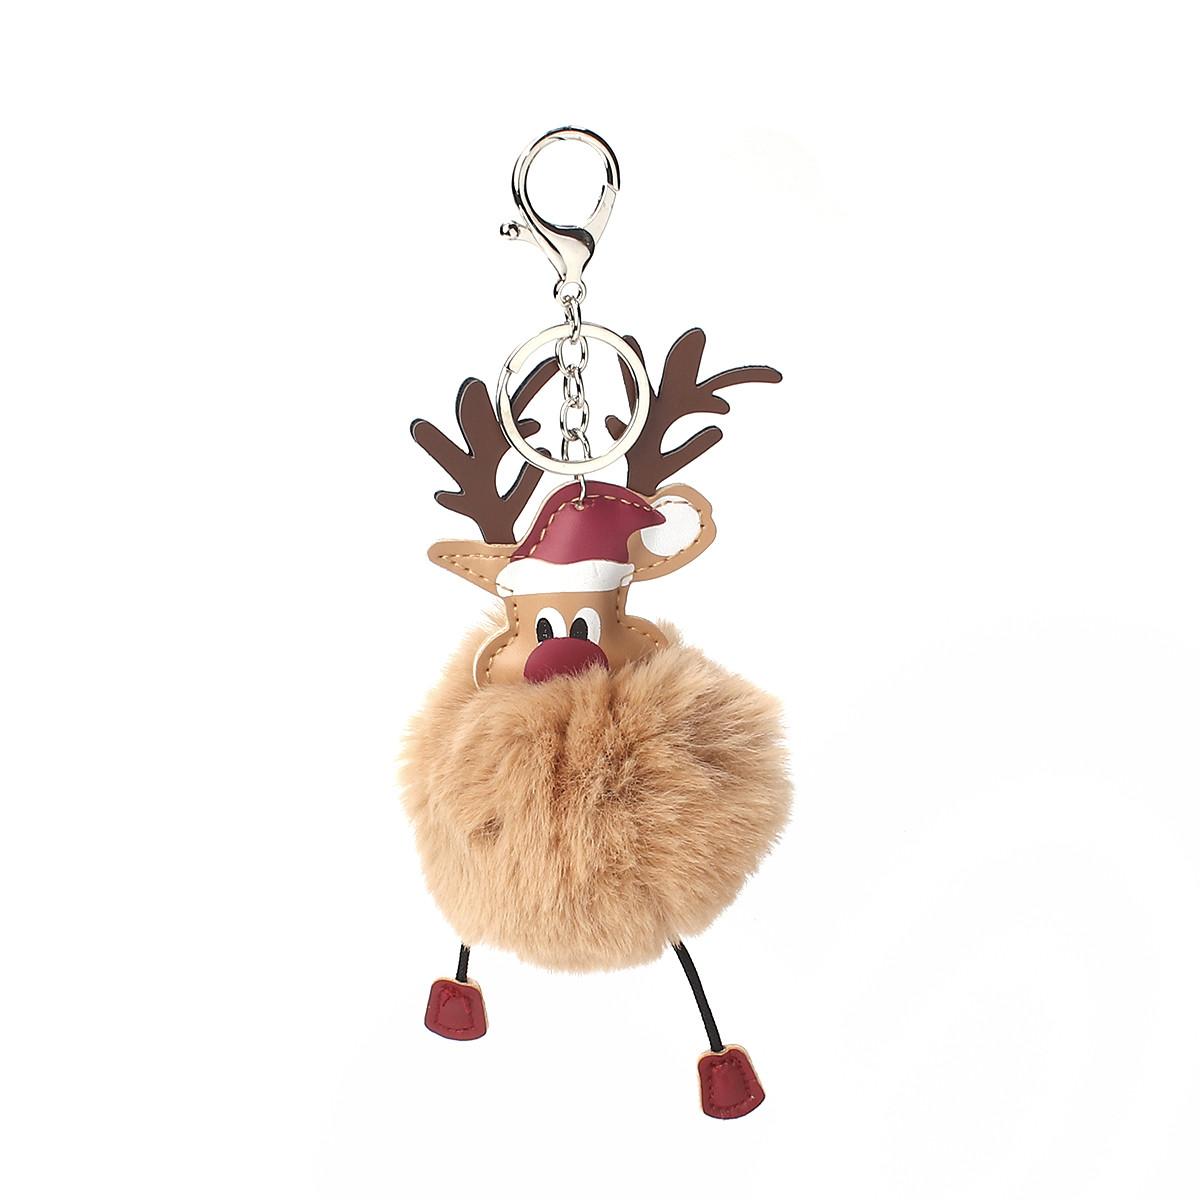 Брелок Різдвяний олень, ЕКО шкіра + Помпон, Колір: Сріблястий тон, Світло-коричневий, 19см x 8см